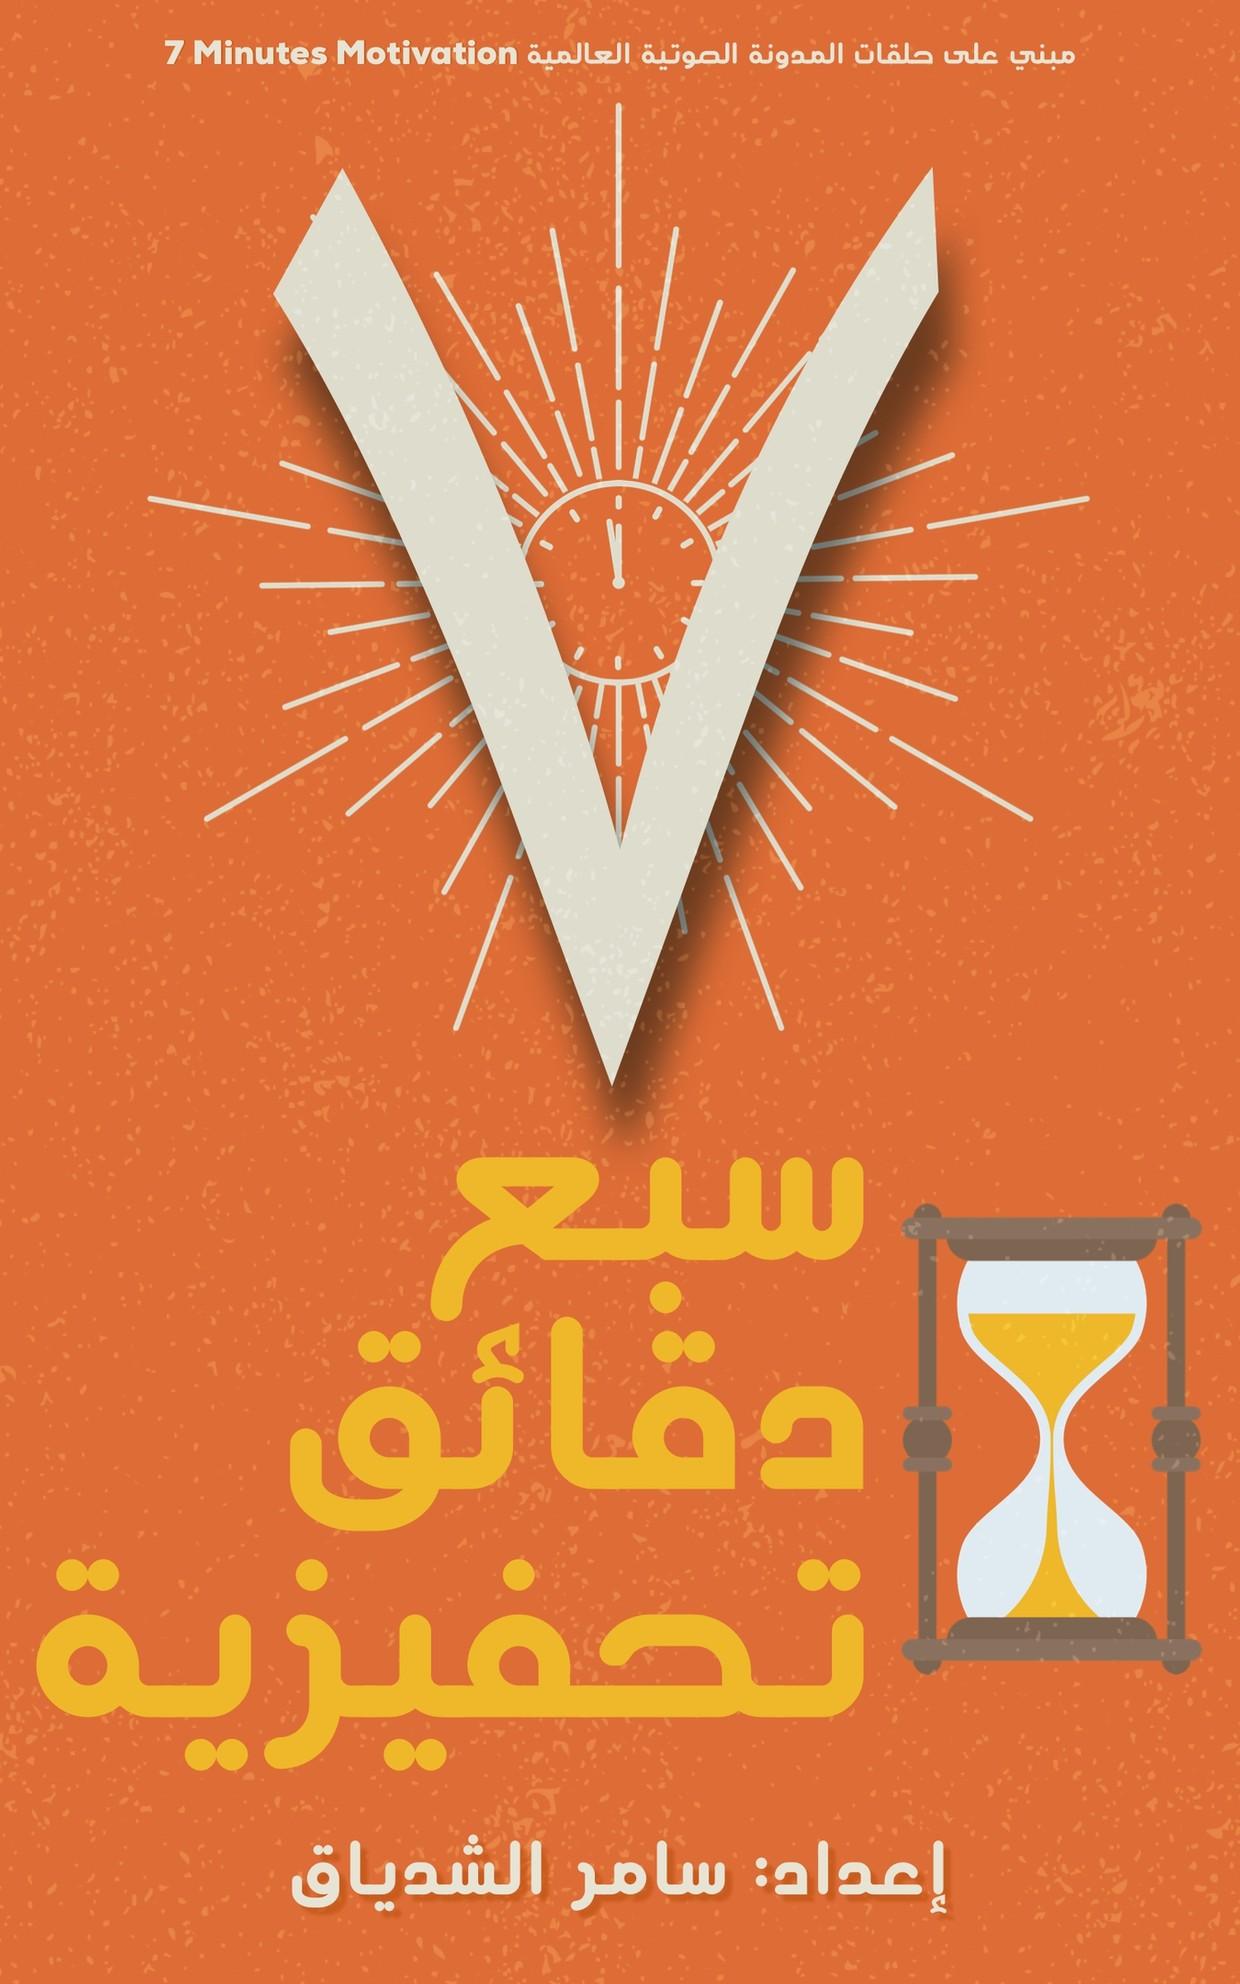 سبعة دقائق تحفيزية: النسخة الرقمية العربية من الكتاب